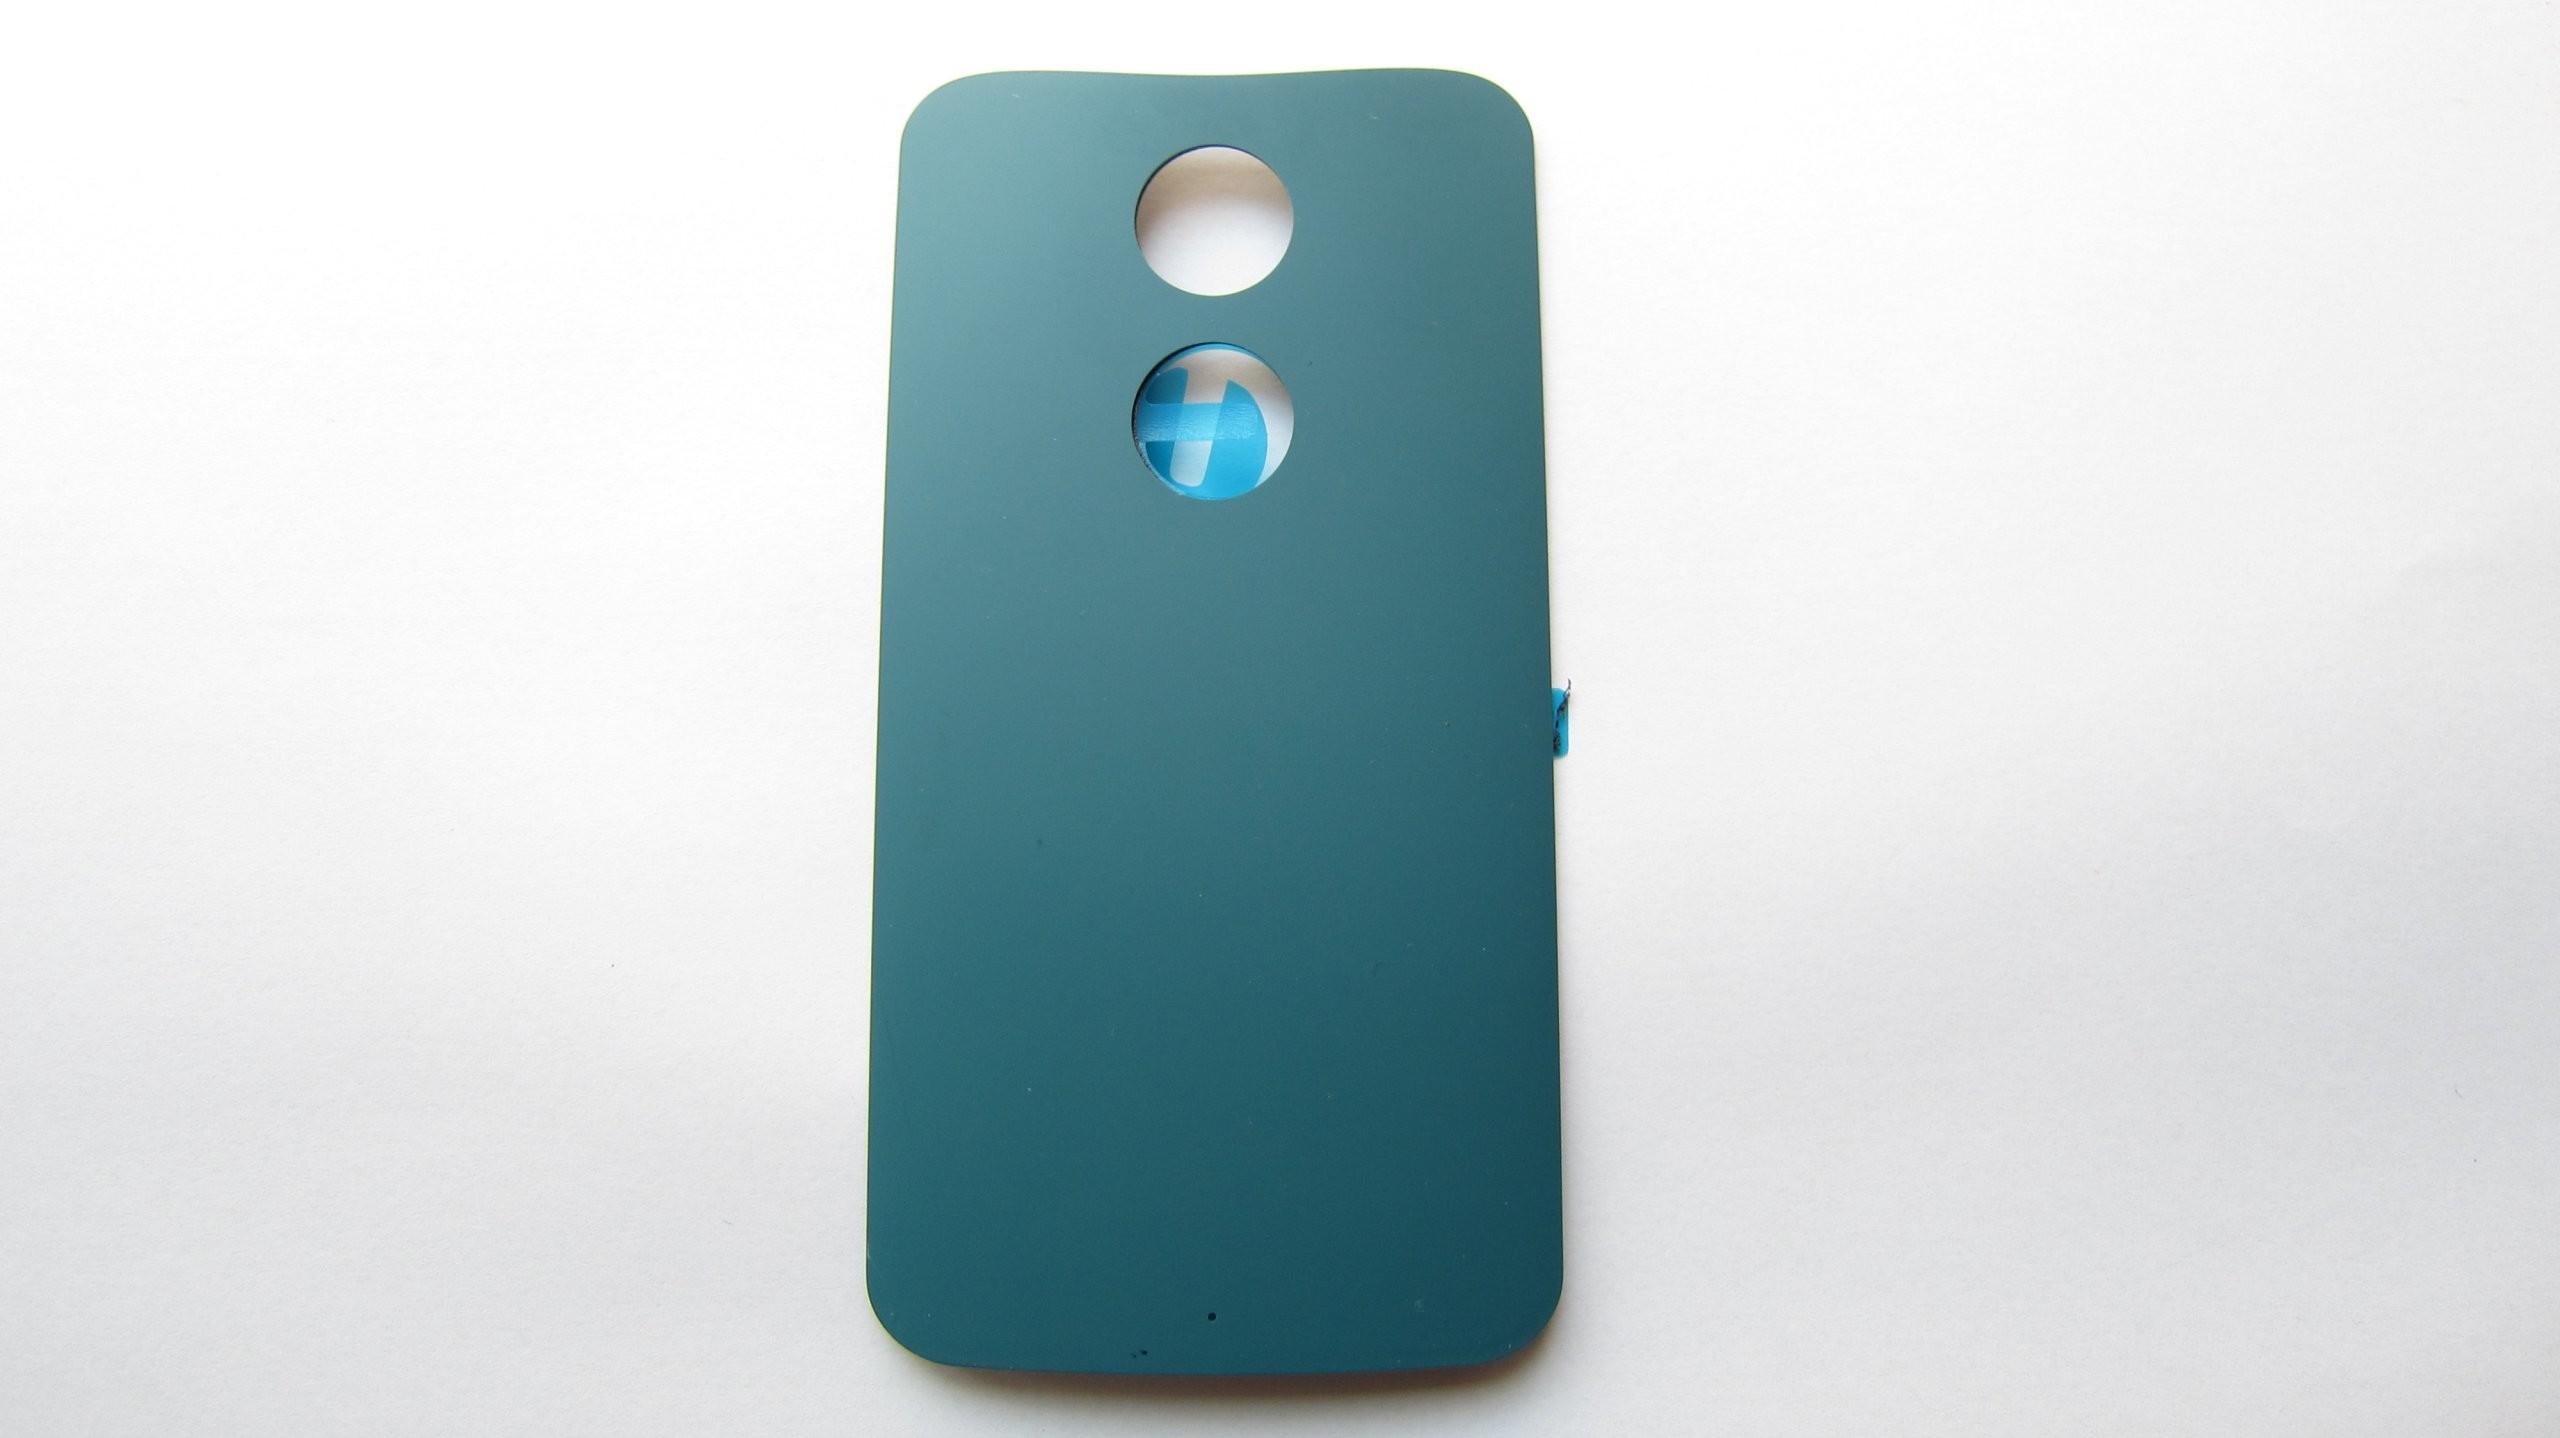 Motorola Klapka Baterii Moto X XT1092 Light Green